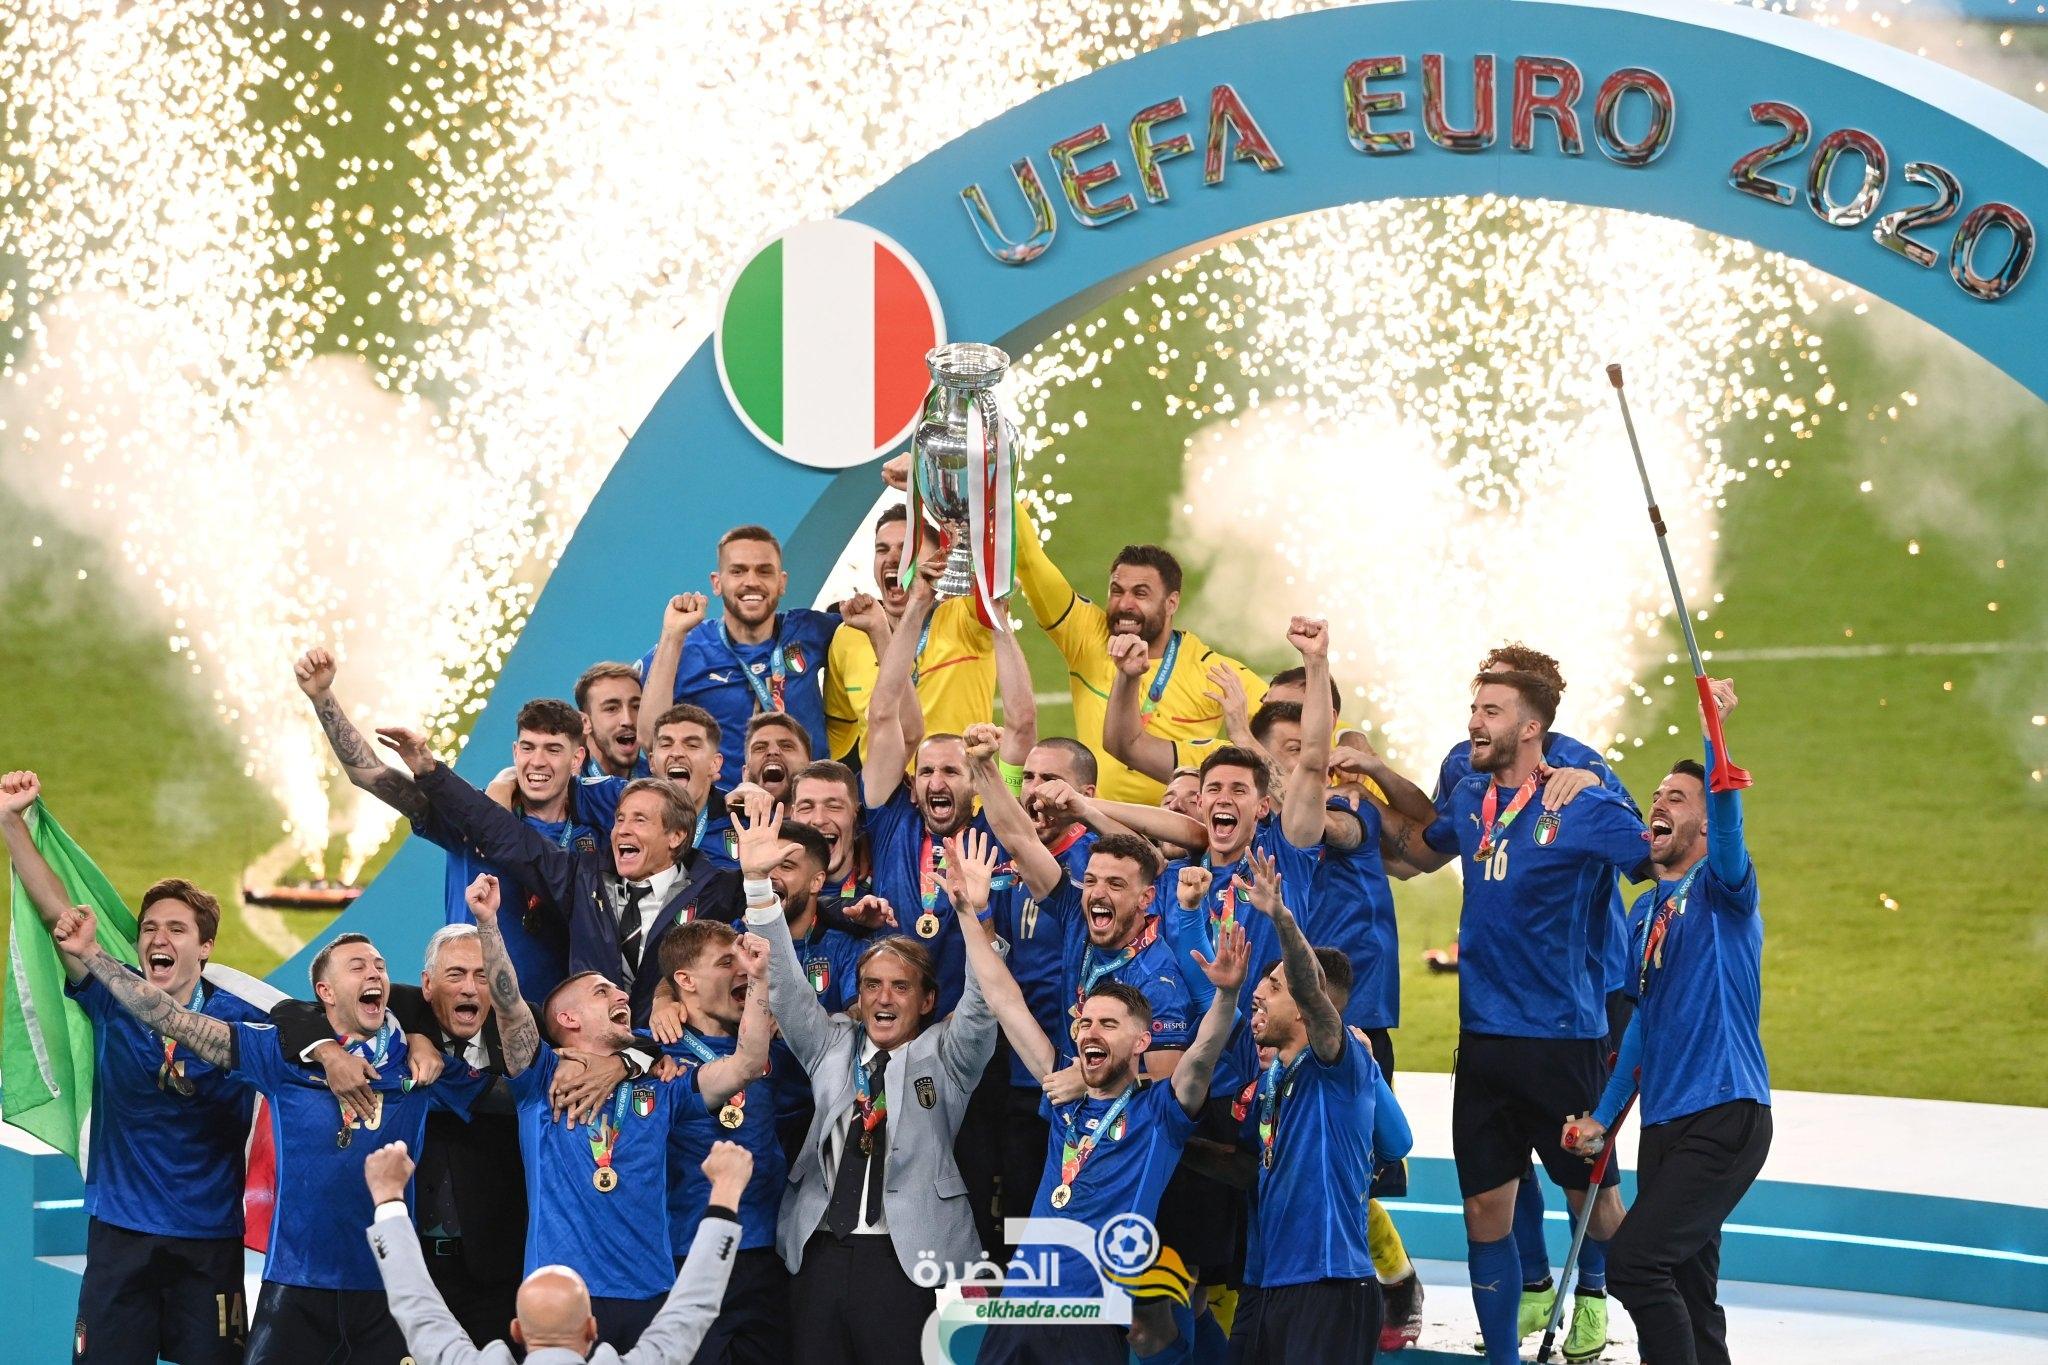 34 مليون يورو ربحتها إيطاليا بعد تتويجها بلقب يورو 2020؟ 39